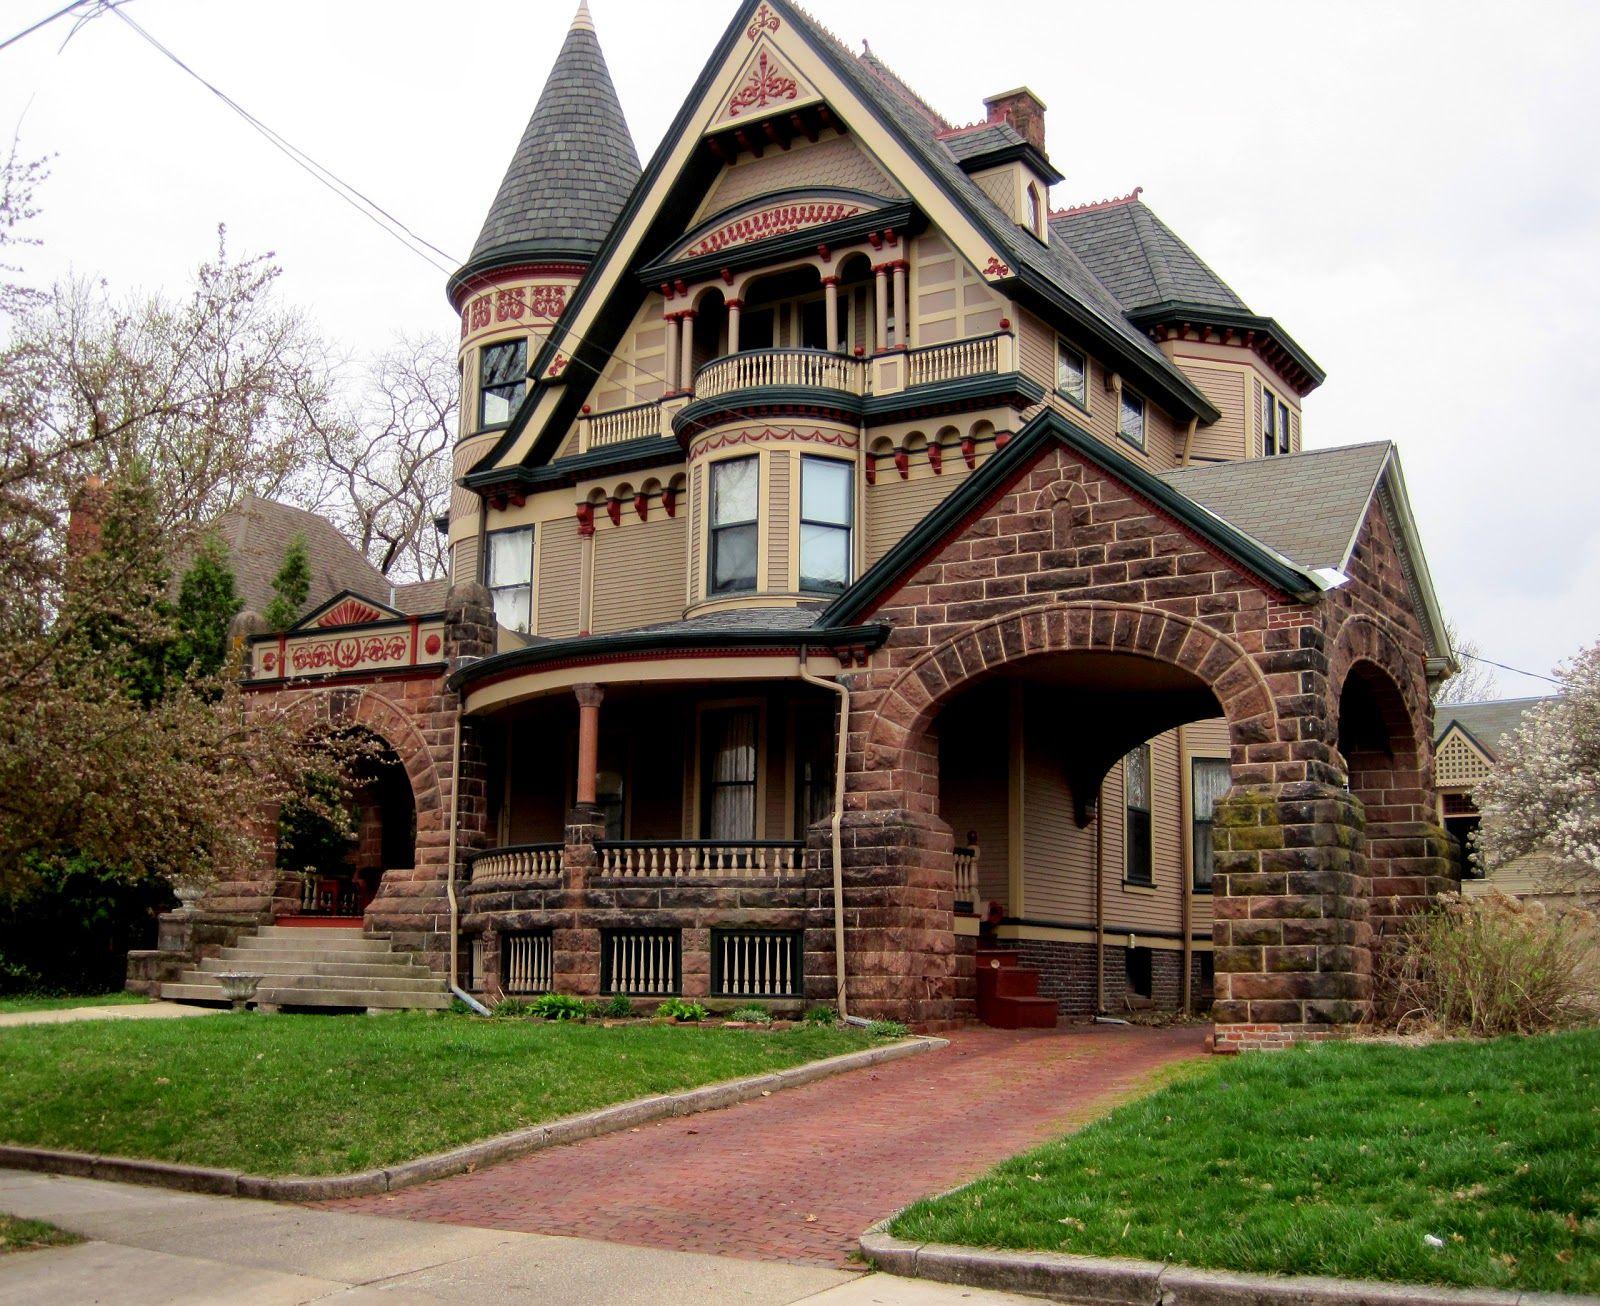 50 fotos de fachadas de casas modernas peque as bonitas for Fachadas de casas estilo rustico moderno